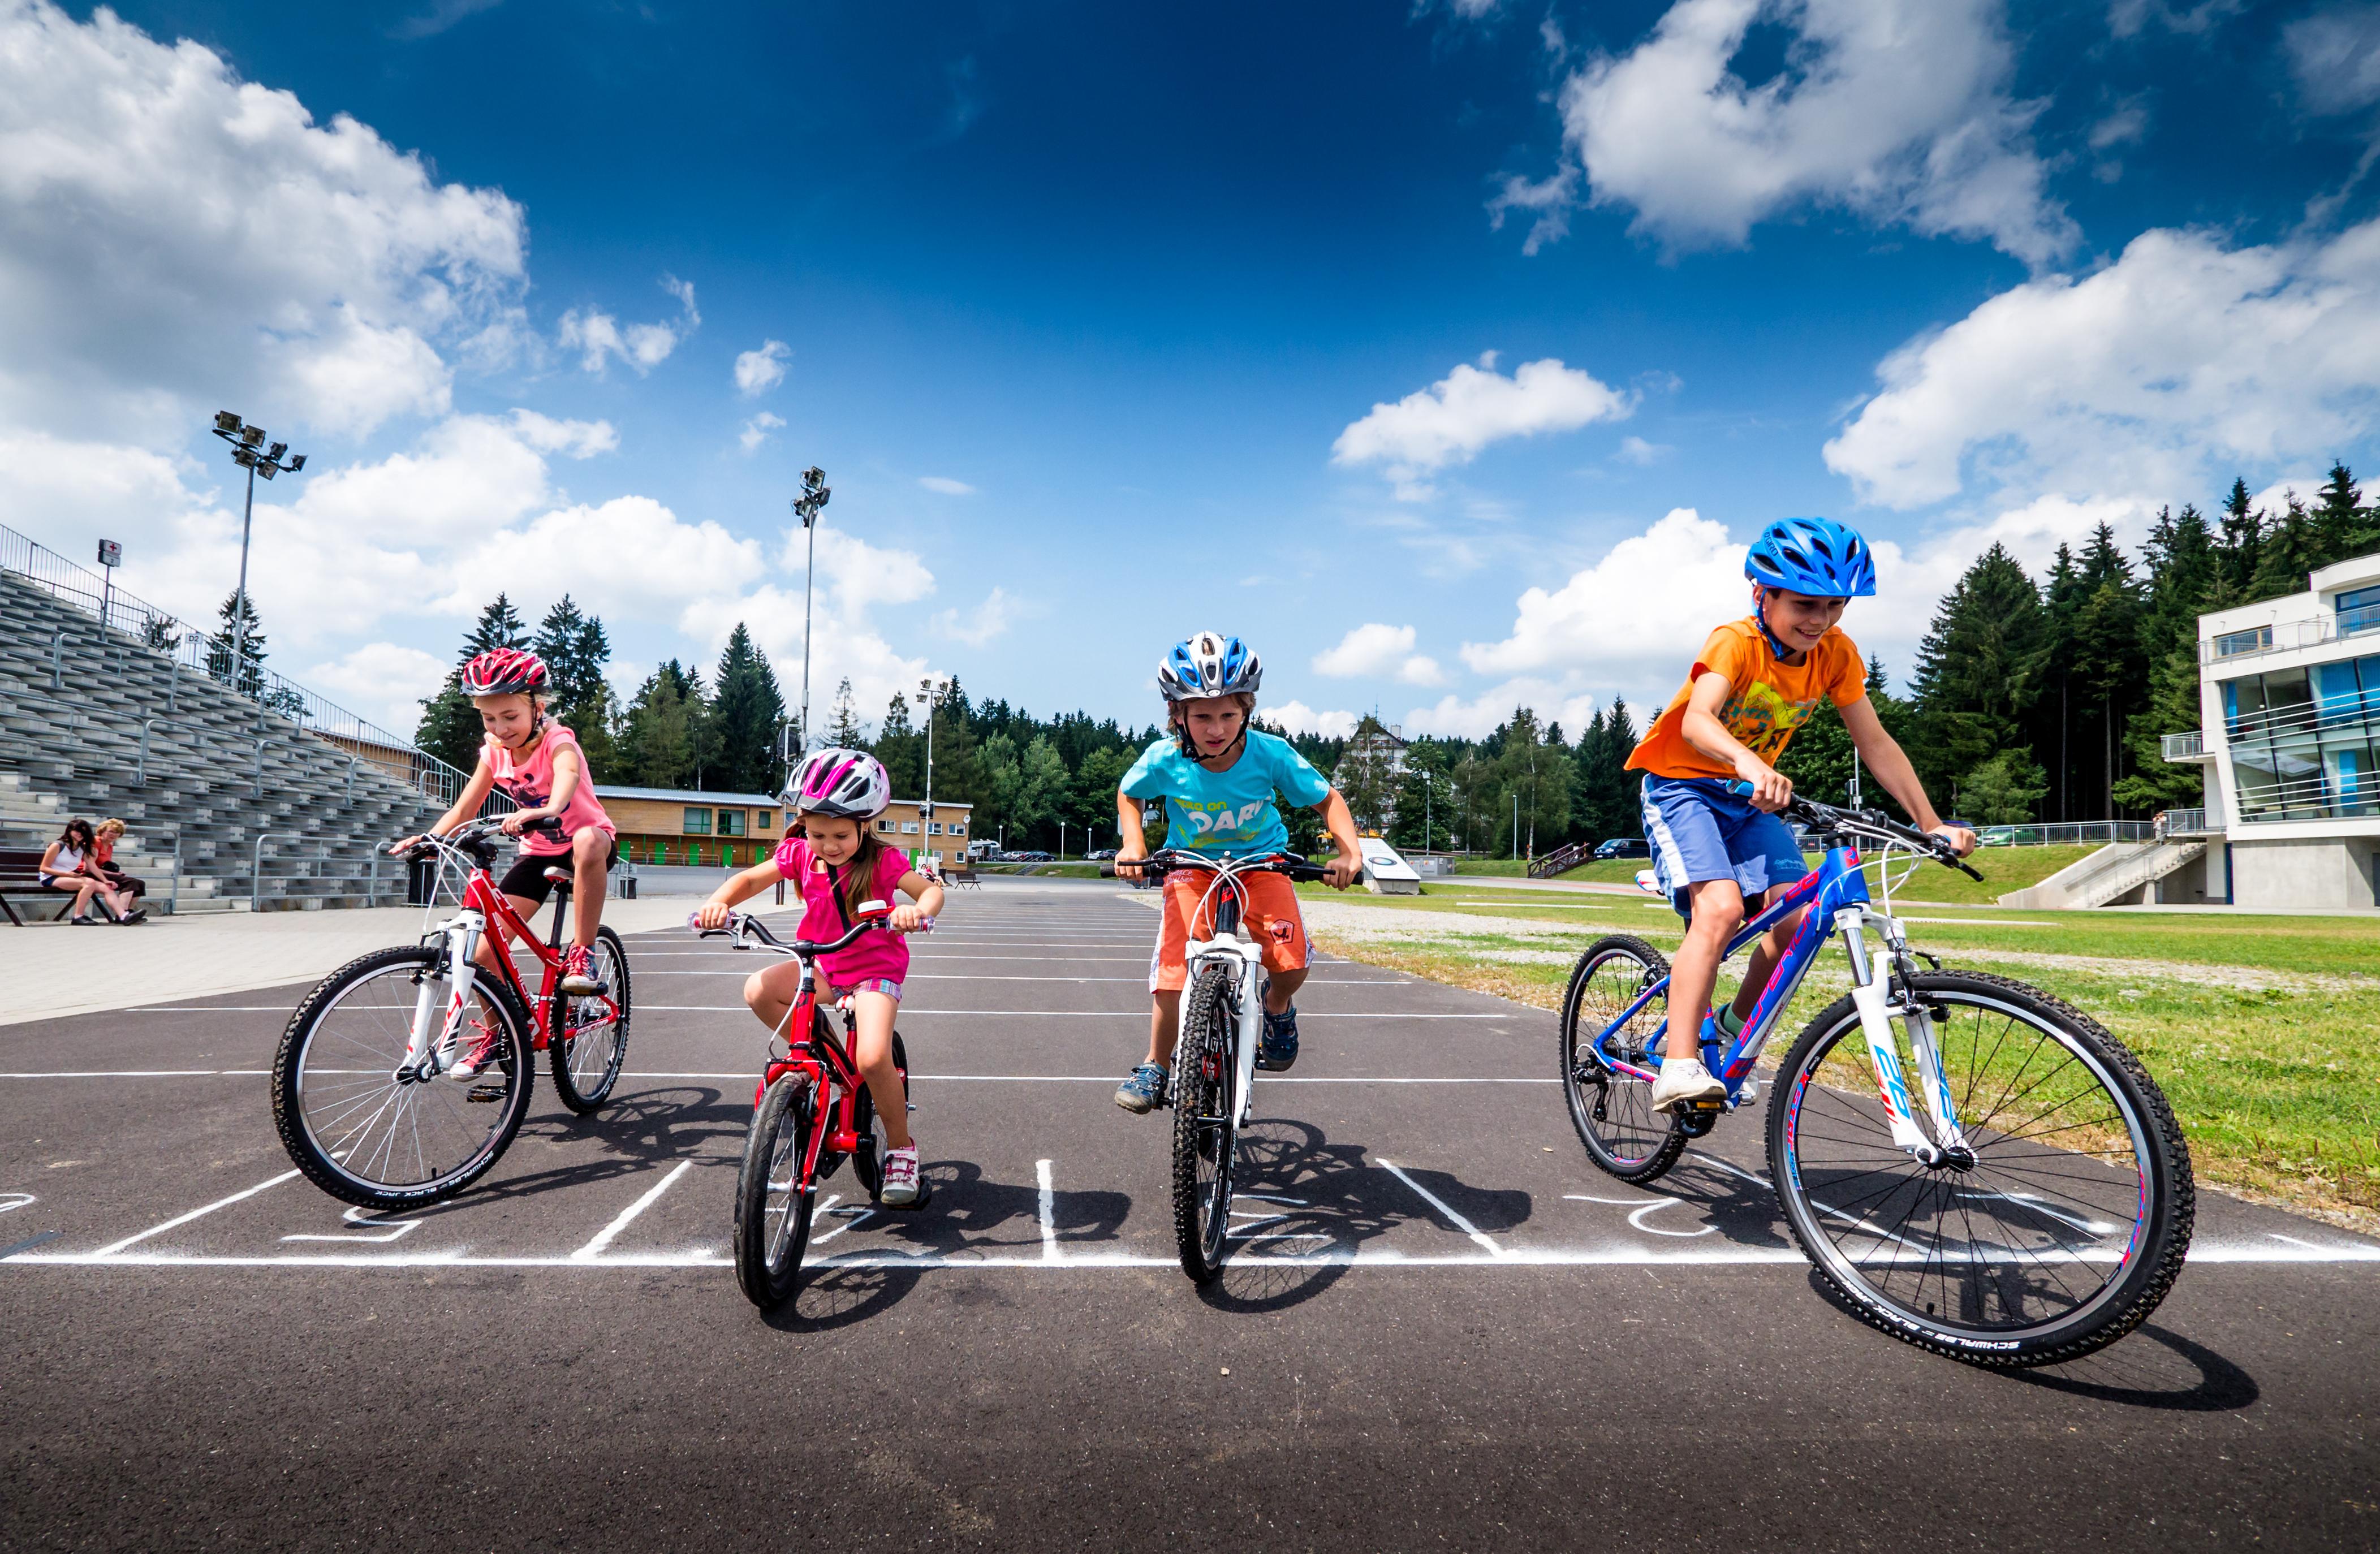 Barnesykkel – Nyttige tips ved kjøp av barnesykkel